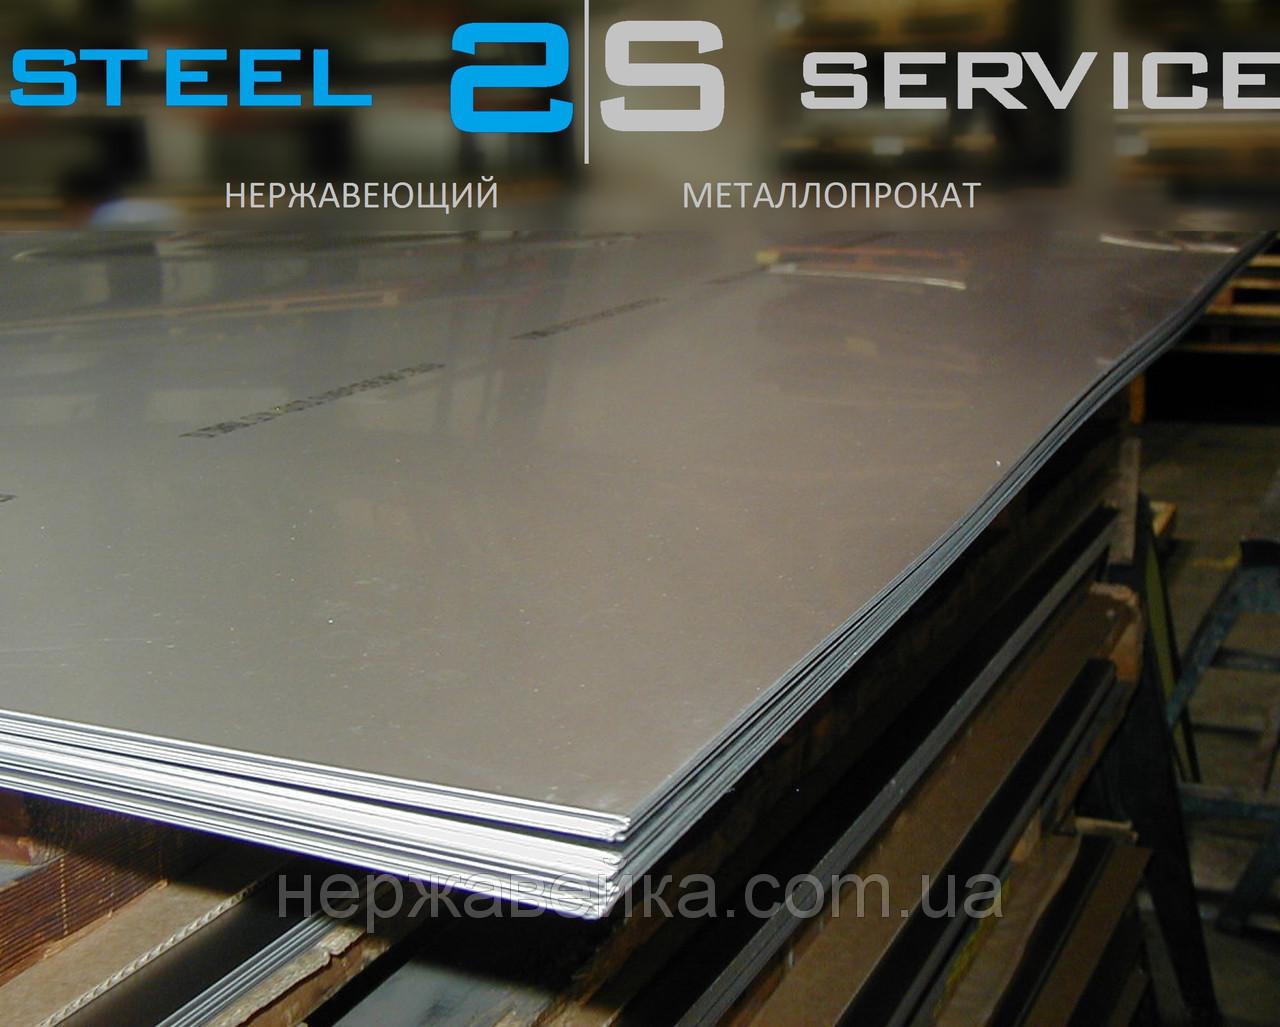 Нержавіючий лист 20х1000х2000мм AISI 316Ti(10Х17Н13М2Т) F1 - гарячекатаний, кислотостійкий